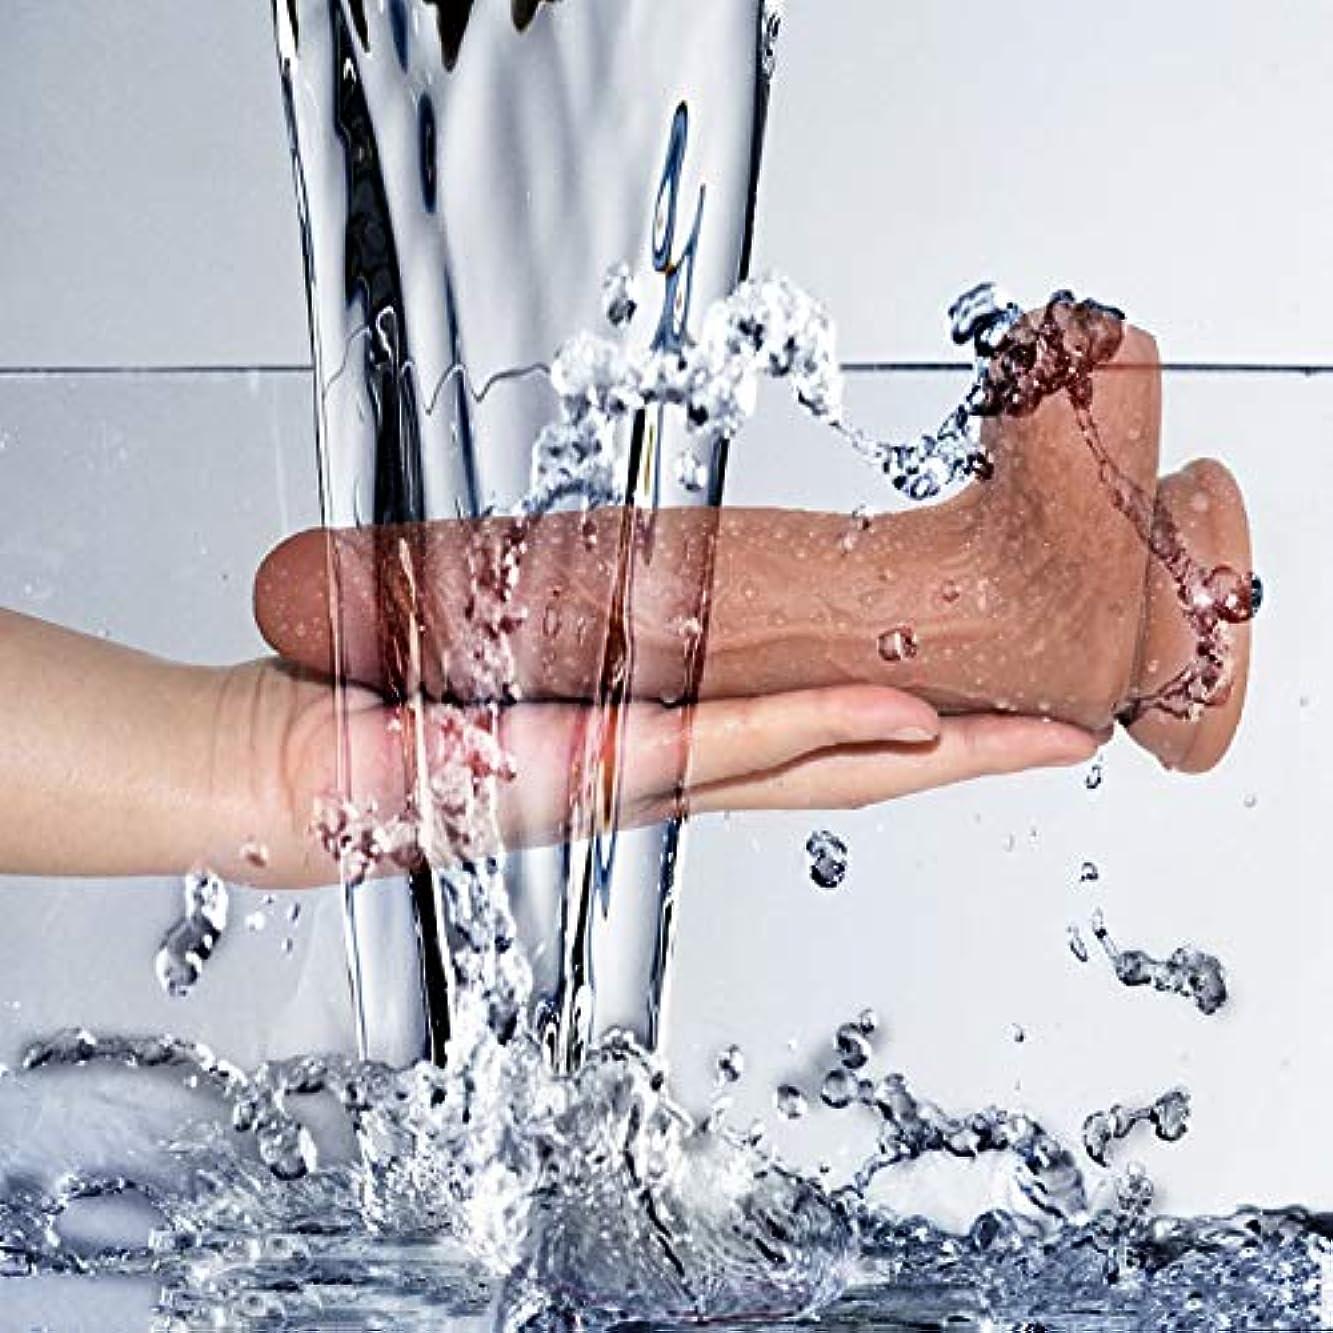 売り手受取人高い8.07 In RealisticSoft-?îld?Body Relax Massager forSéx、初心者向けのリアルなサクションカップツール ファッション雑貨